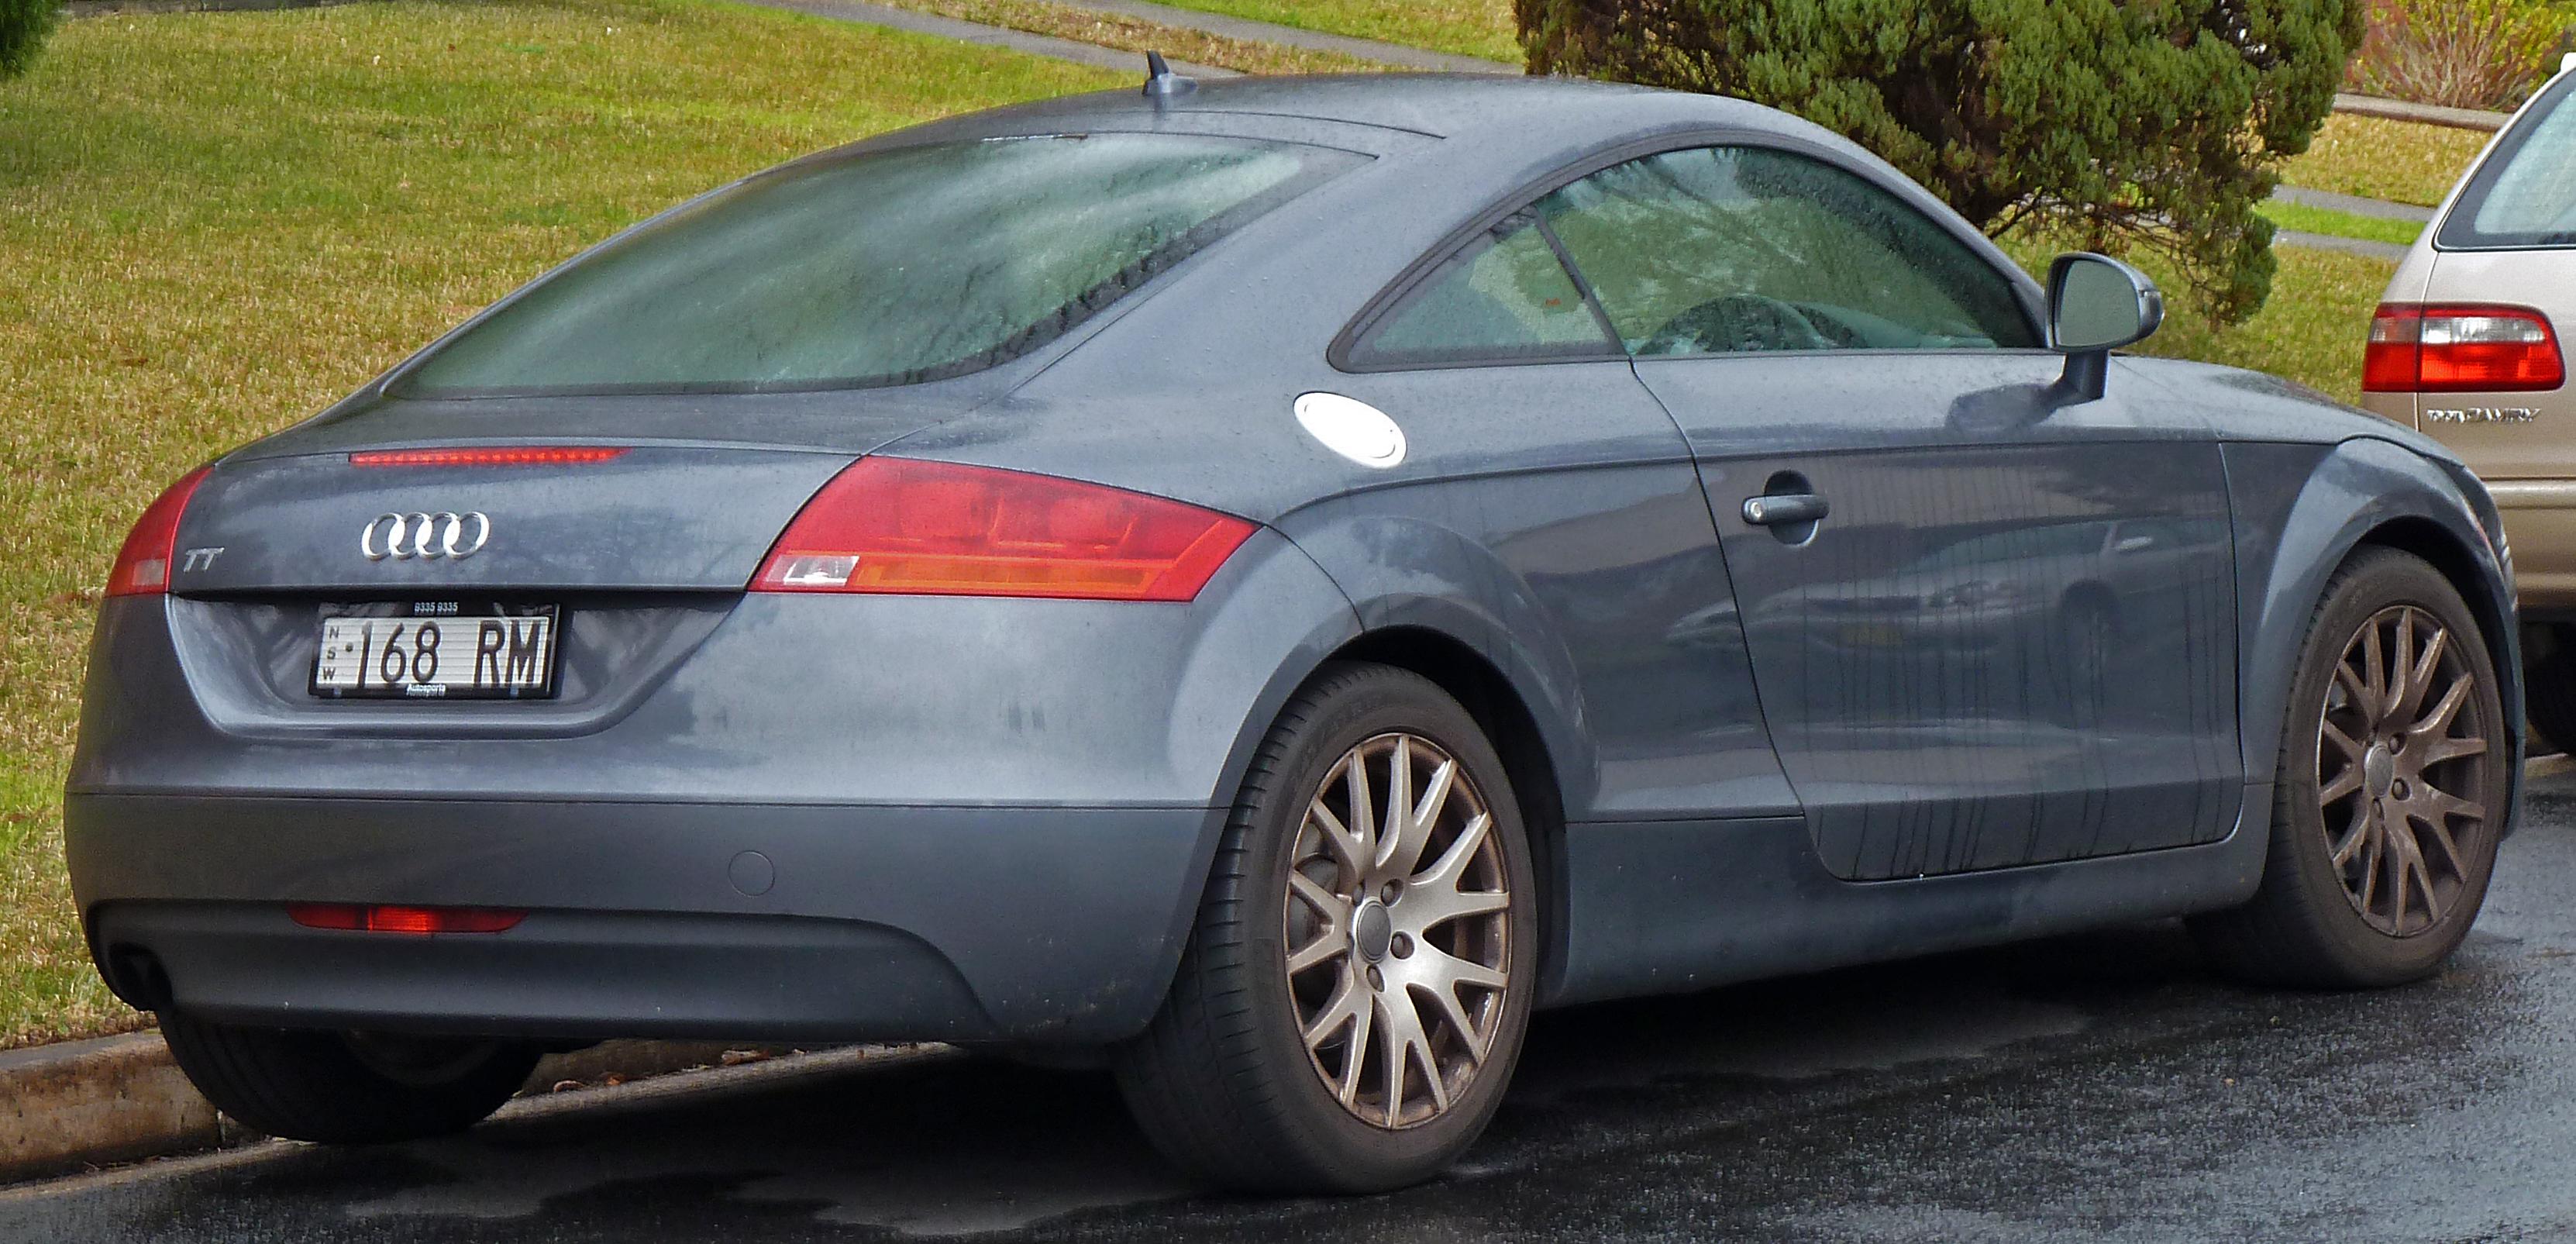 2010 Audi Tts Image 12